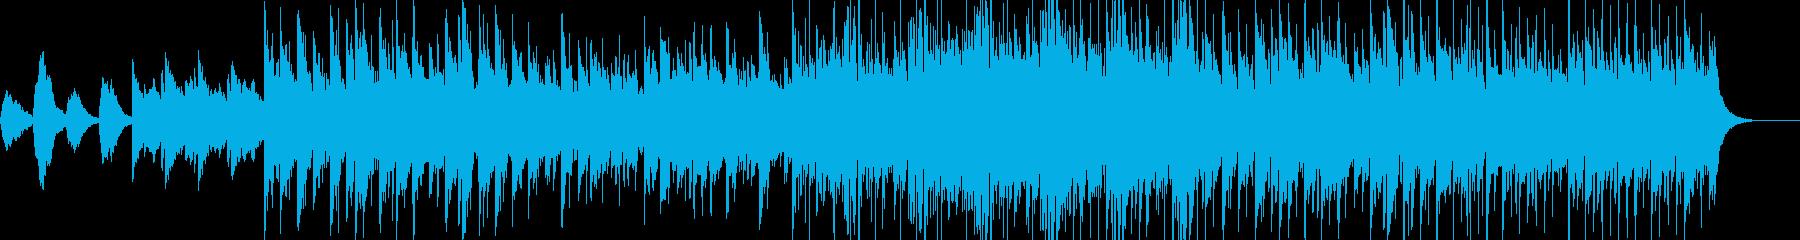 Somebodyの再生済みの波形